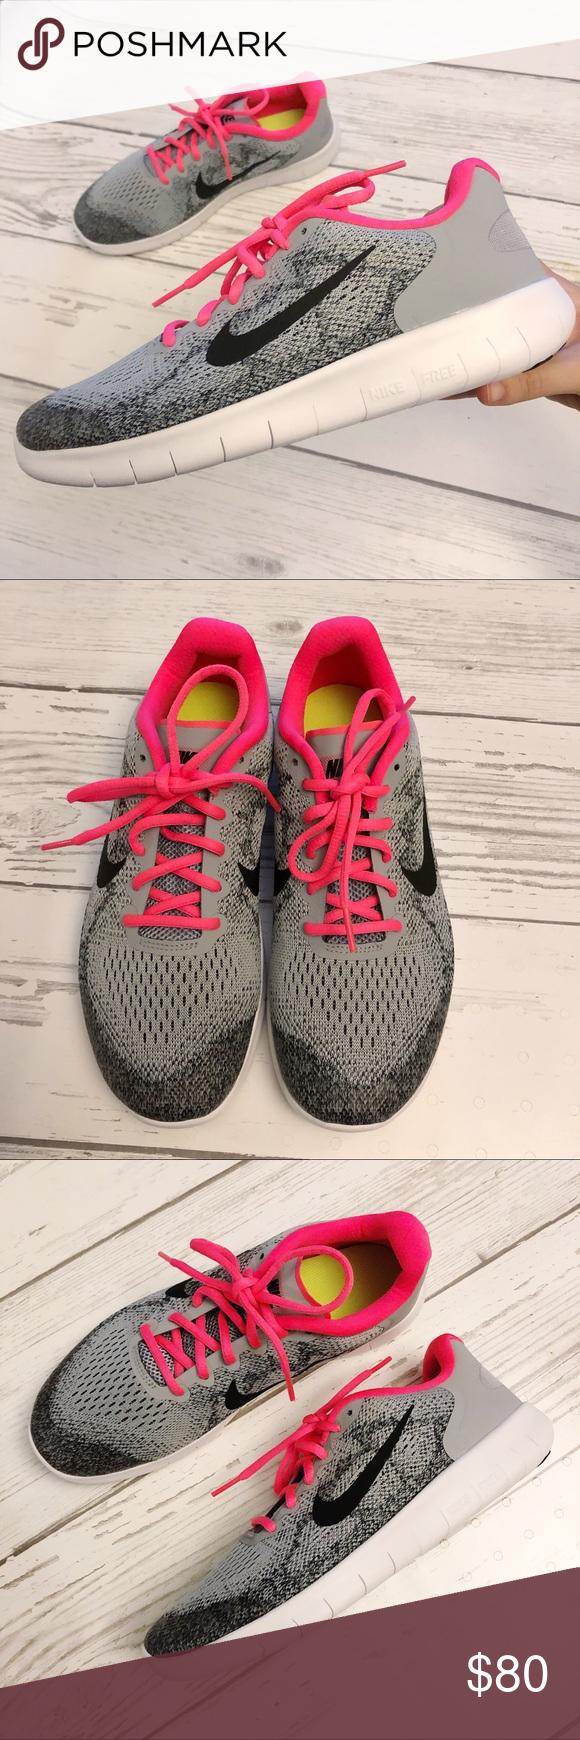 45ffa299f5f1 NEW Nike Free RN 2017 GS Wolf Grey Racer Pink Nike free run 2017 running  athletic